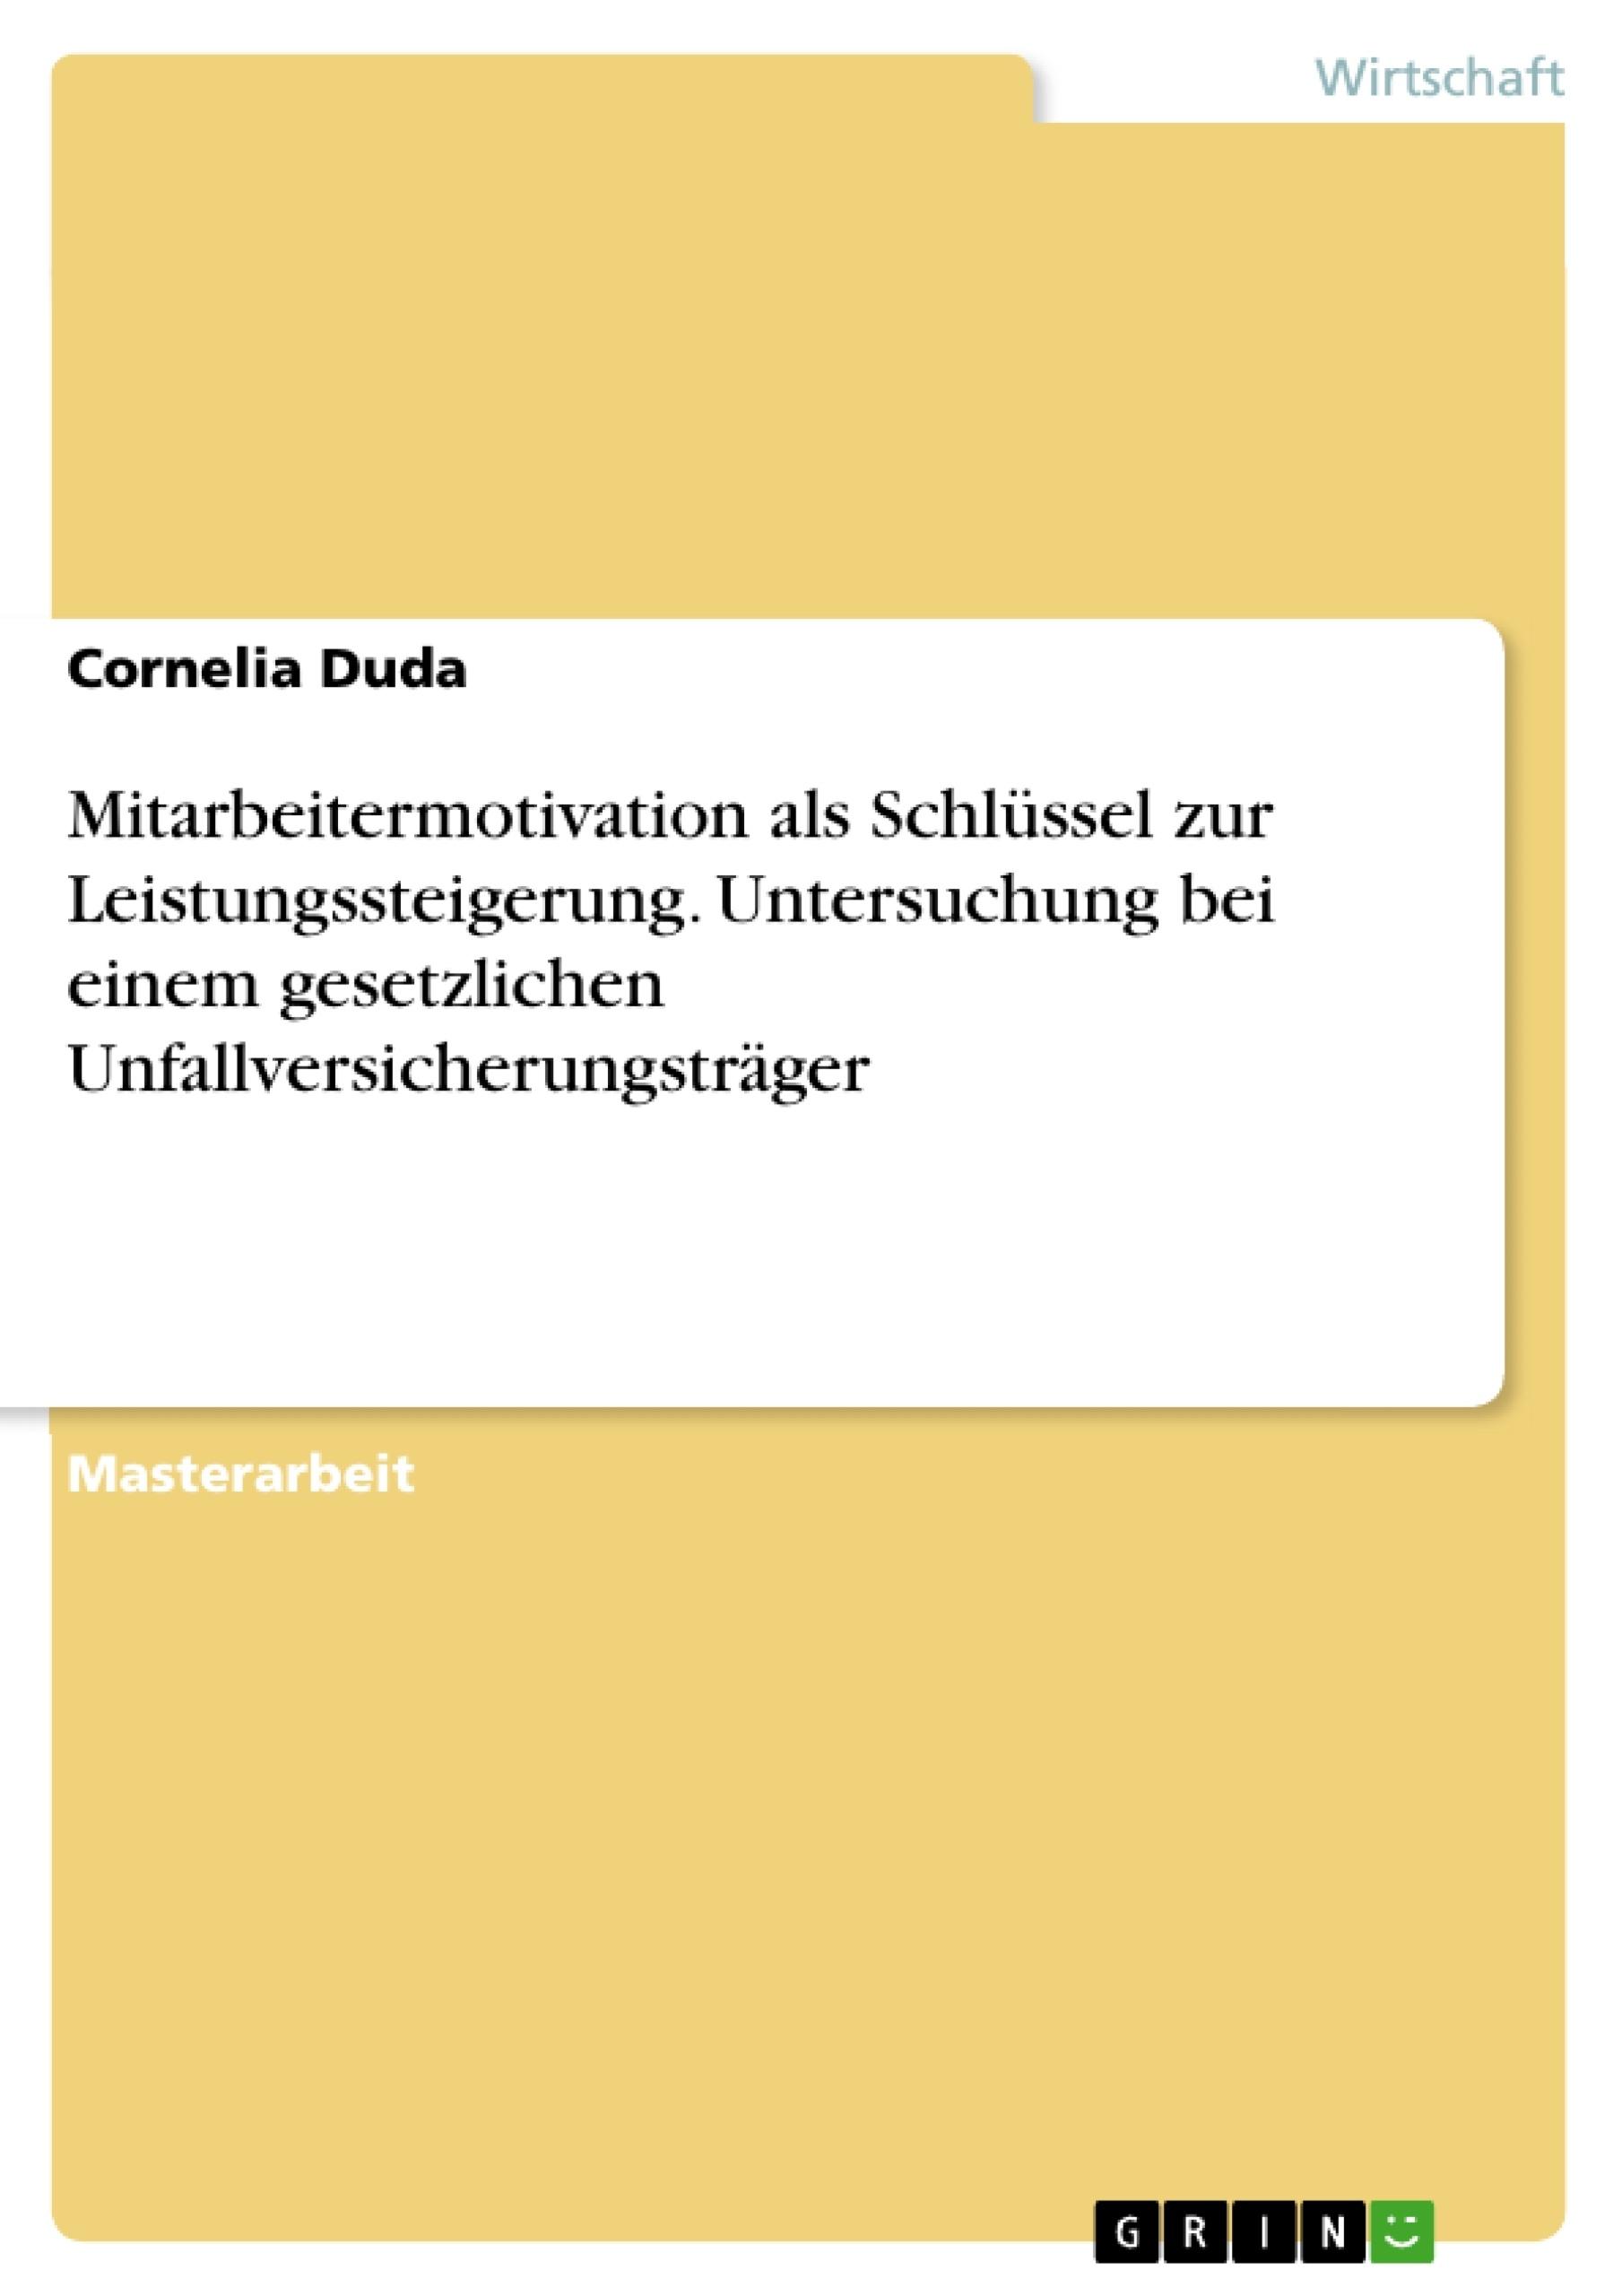 Titel: Mitarbeitermotivation als Schlüssel zur Leistungssteigerung. Untersuchung bei einem gesetzlichen Unfallversicherungsträger